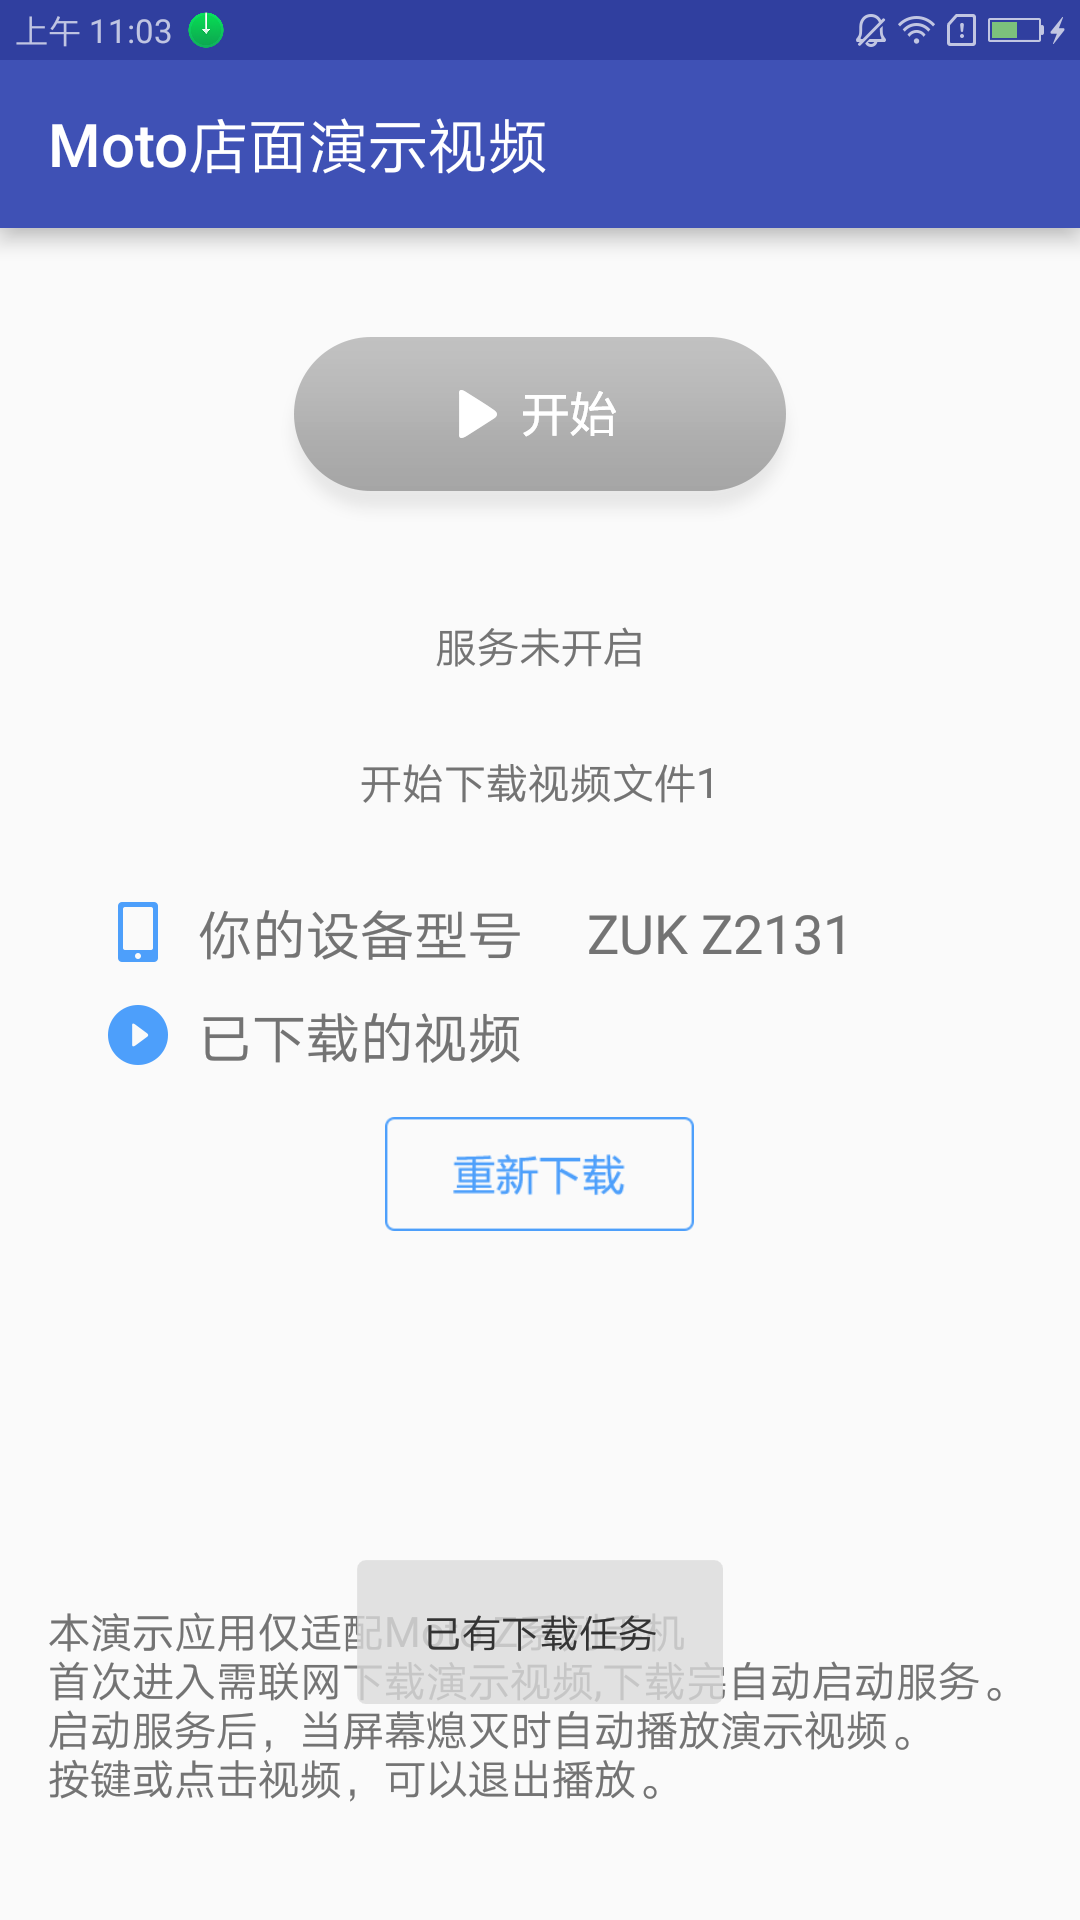 Moto店面演示程序